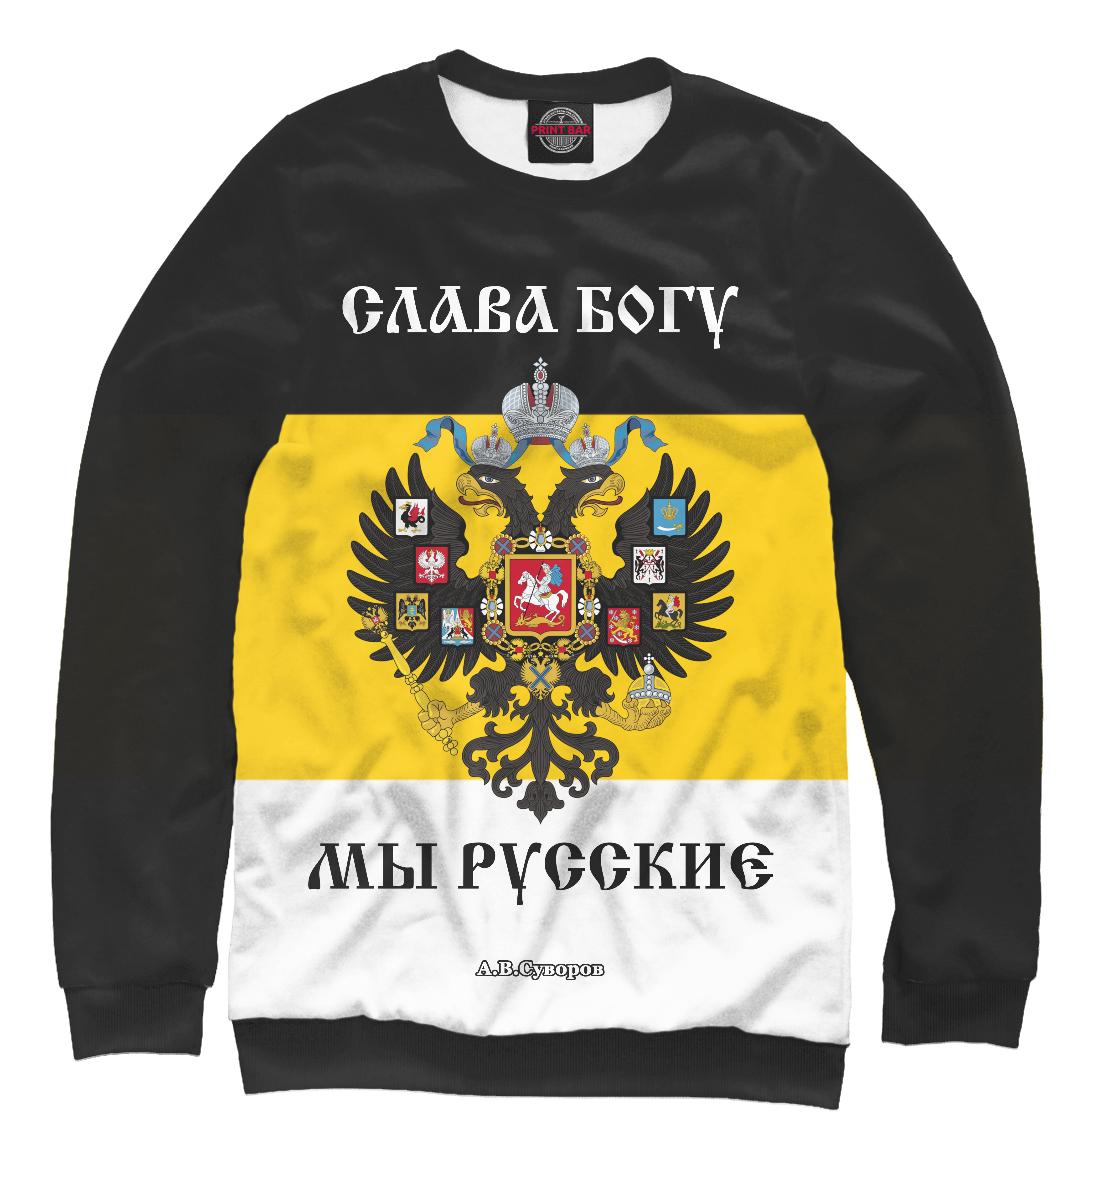 Купить Мы Русские, Printbar, Свитшоты, SVN-312279-swi-2